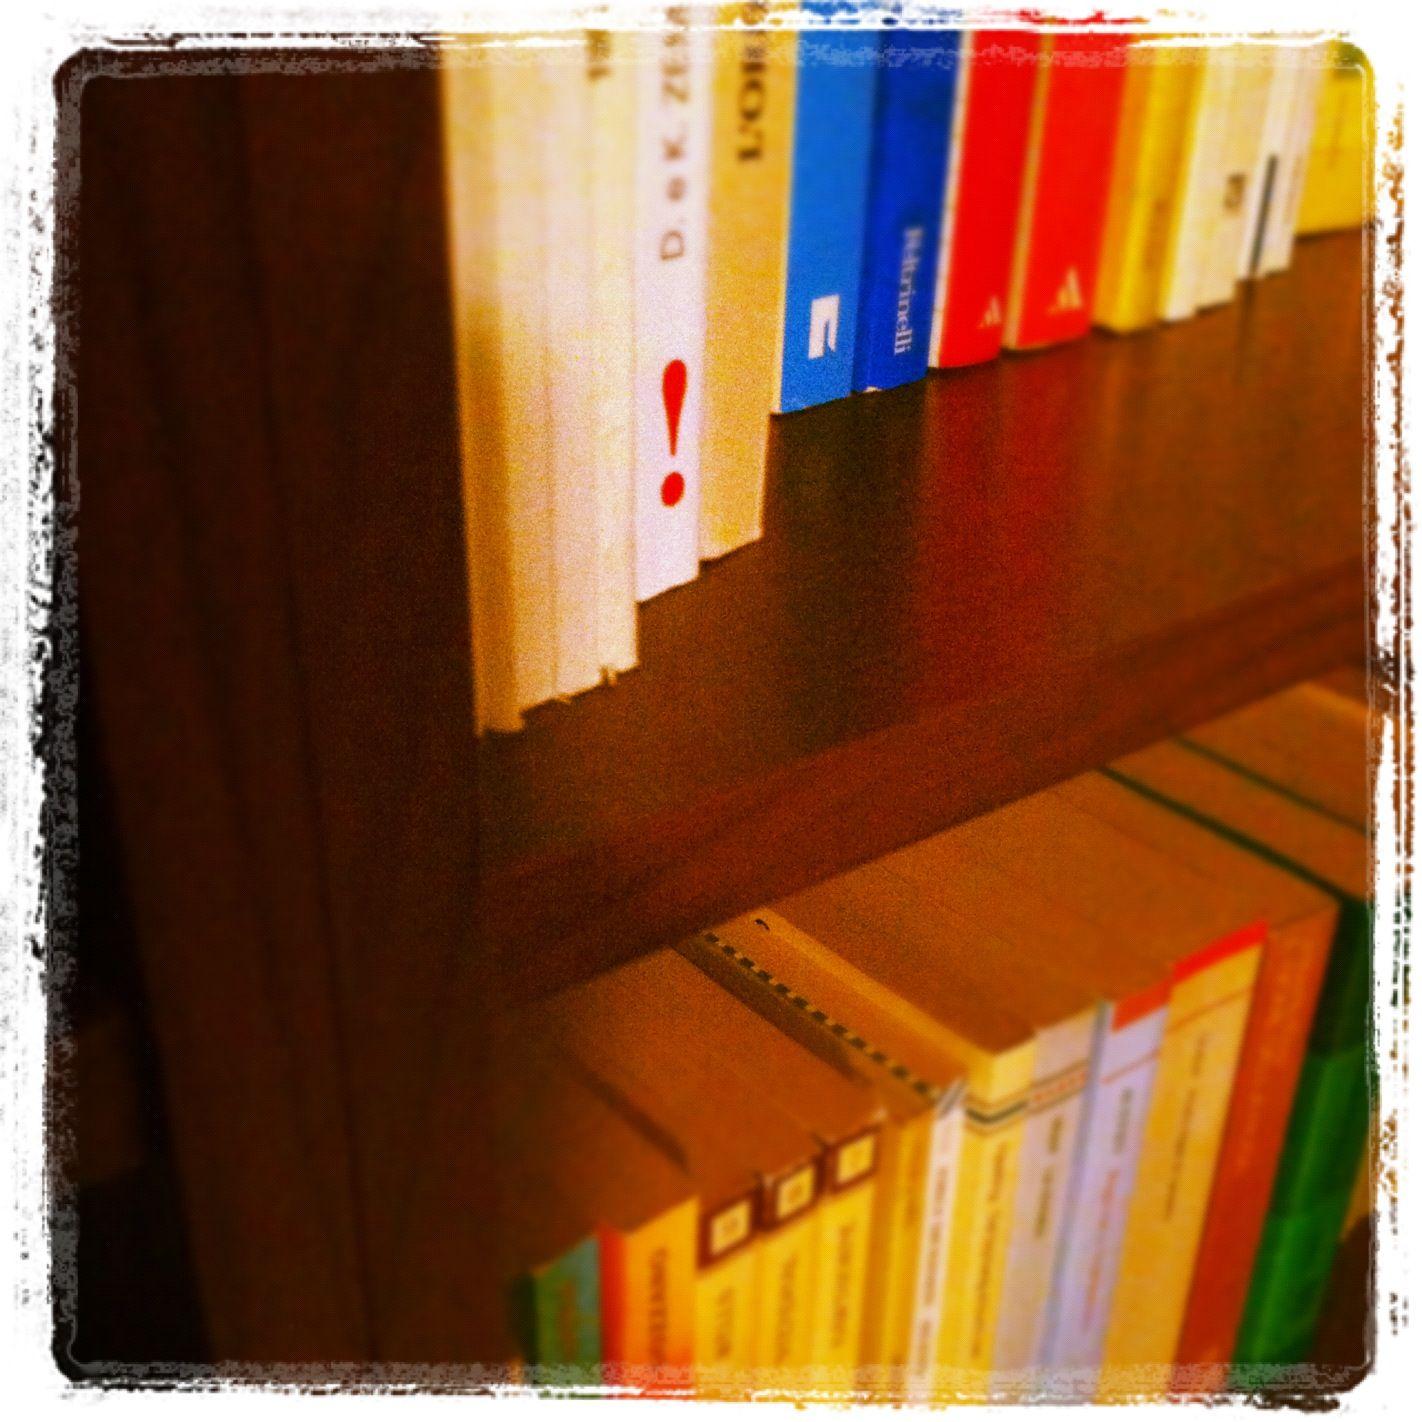 Grazie alla nostra amica/lettrice/aspirante scrittrice Silvia per averci inviato questo scatto della sua libreria! :)